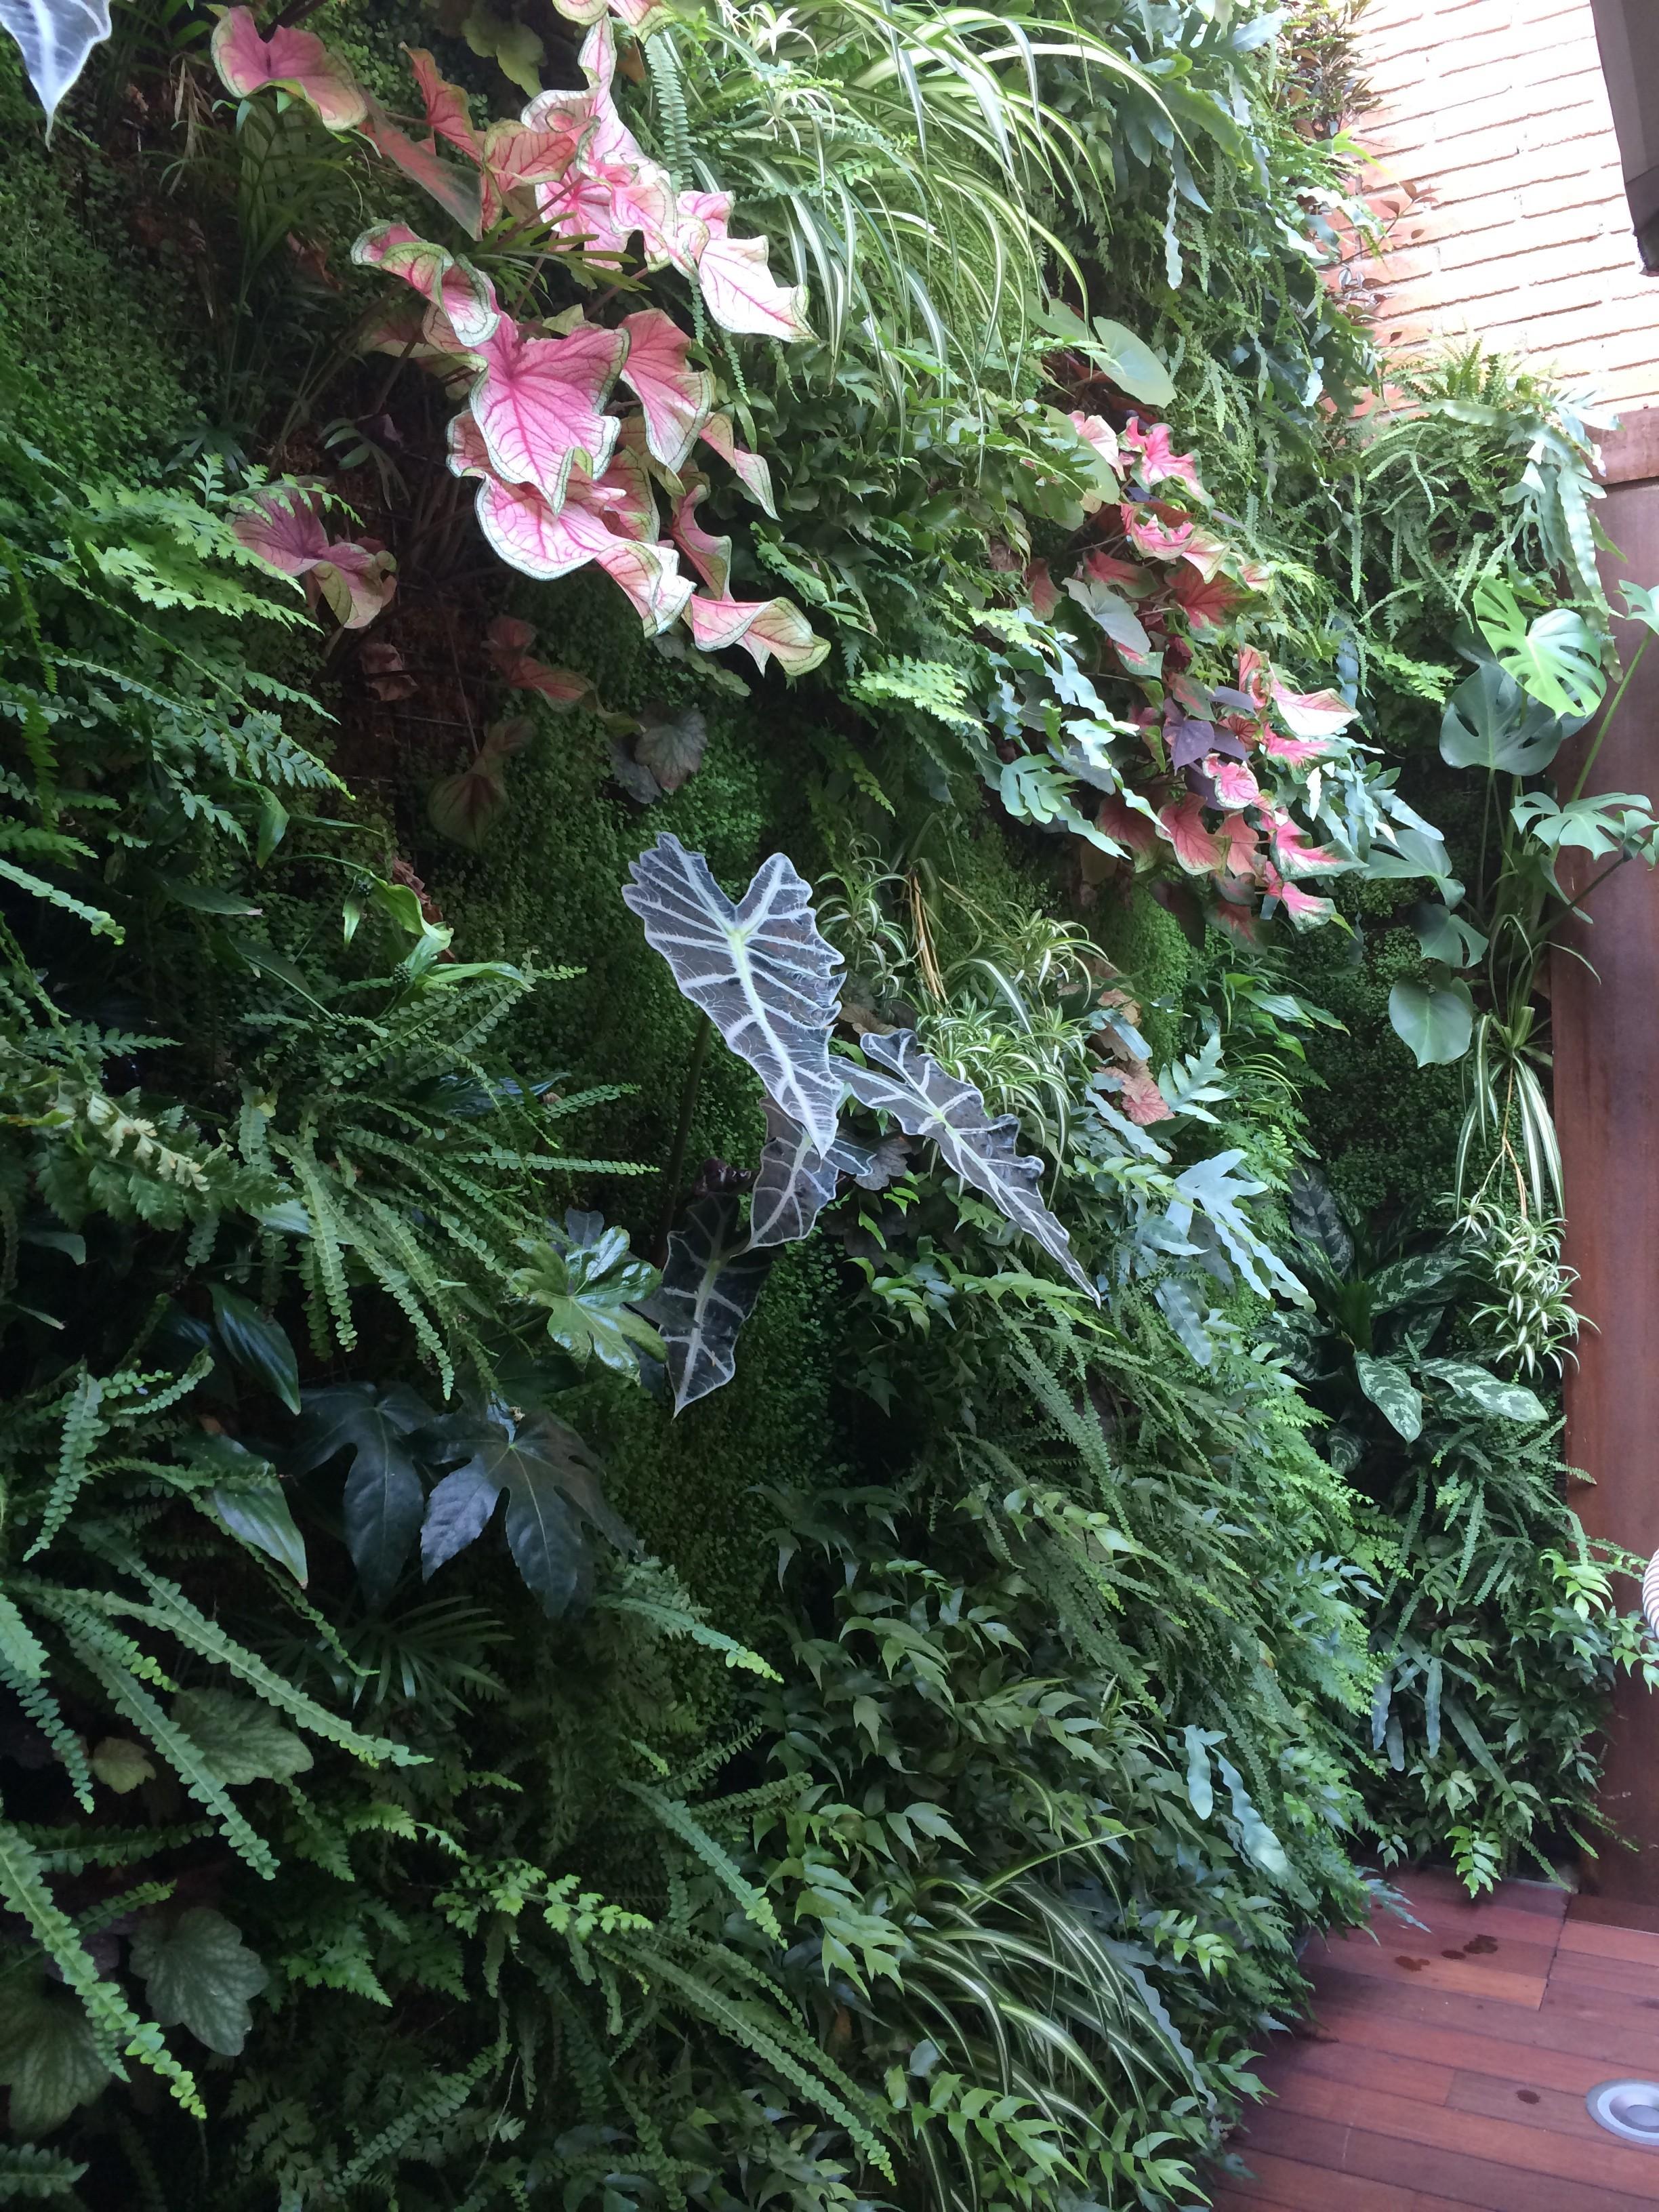 Realizaci n de jardines verticales en sevilla babilonia for Jardines verticales sevilla